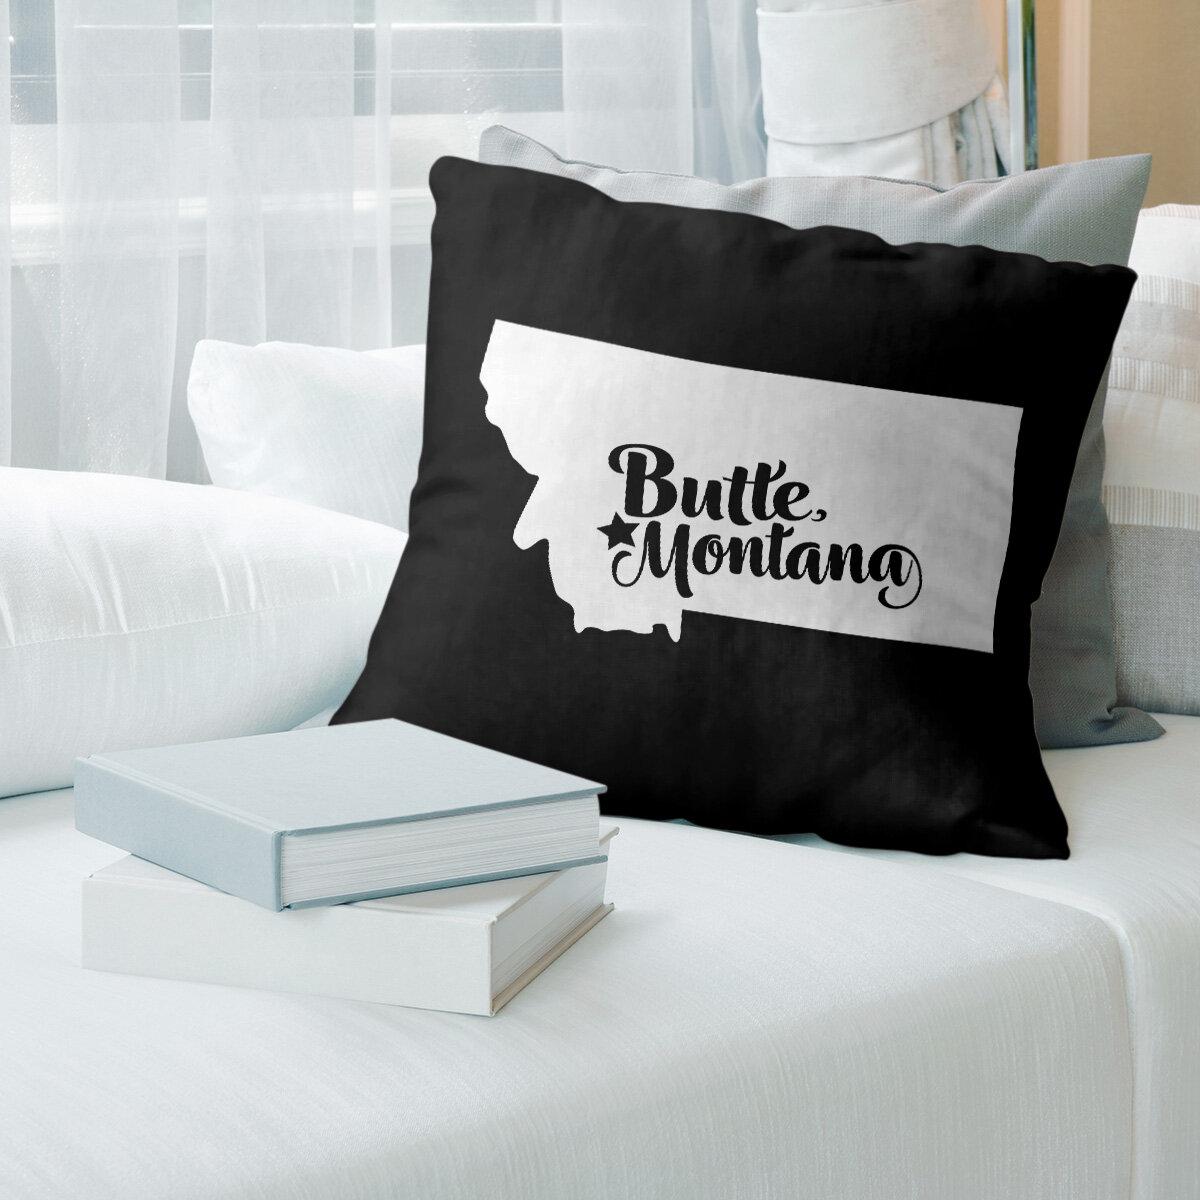 East Urban Home Butte Montana Pillow Wayfair